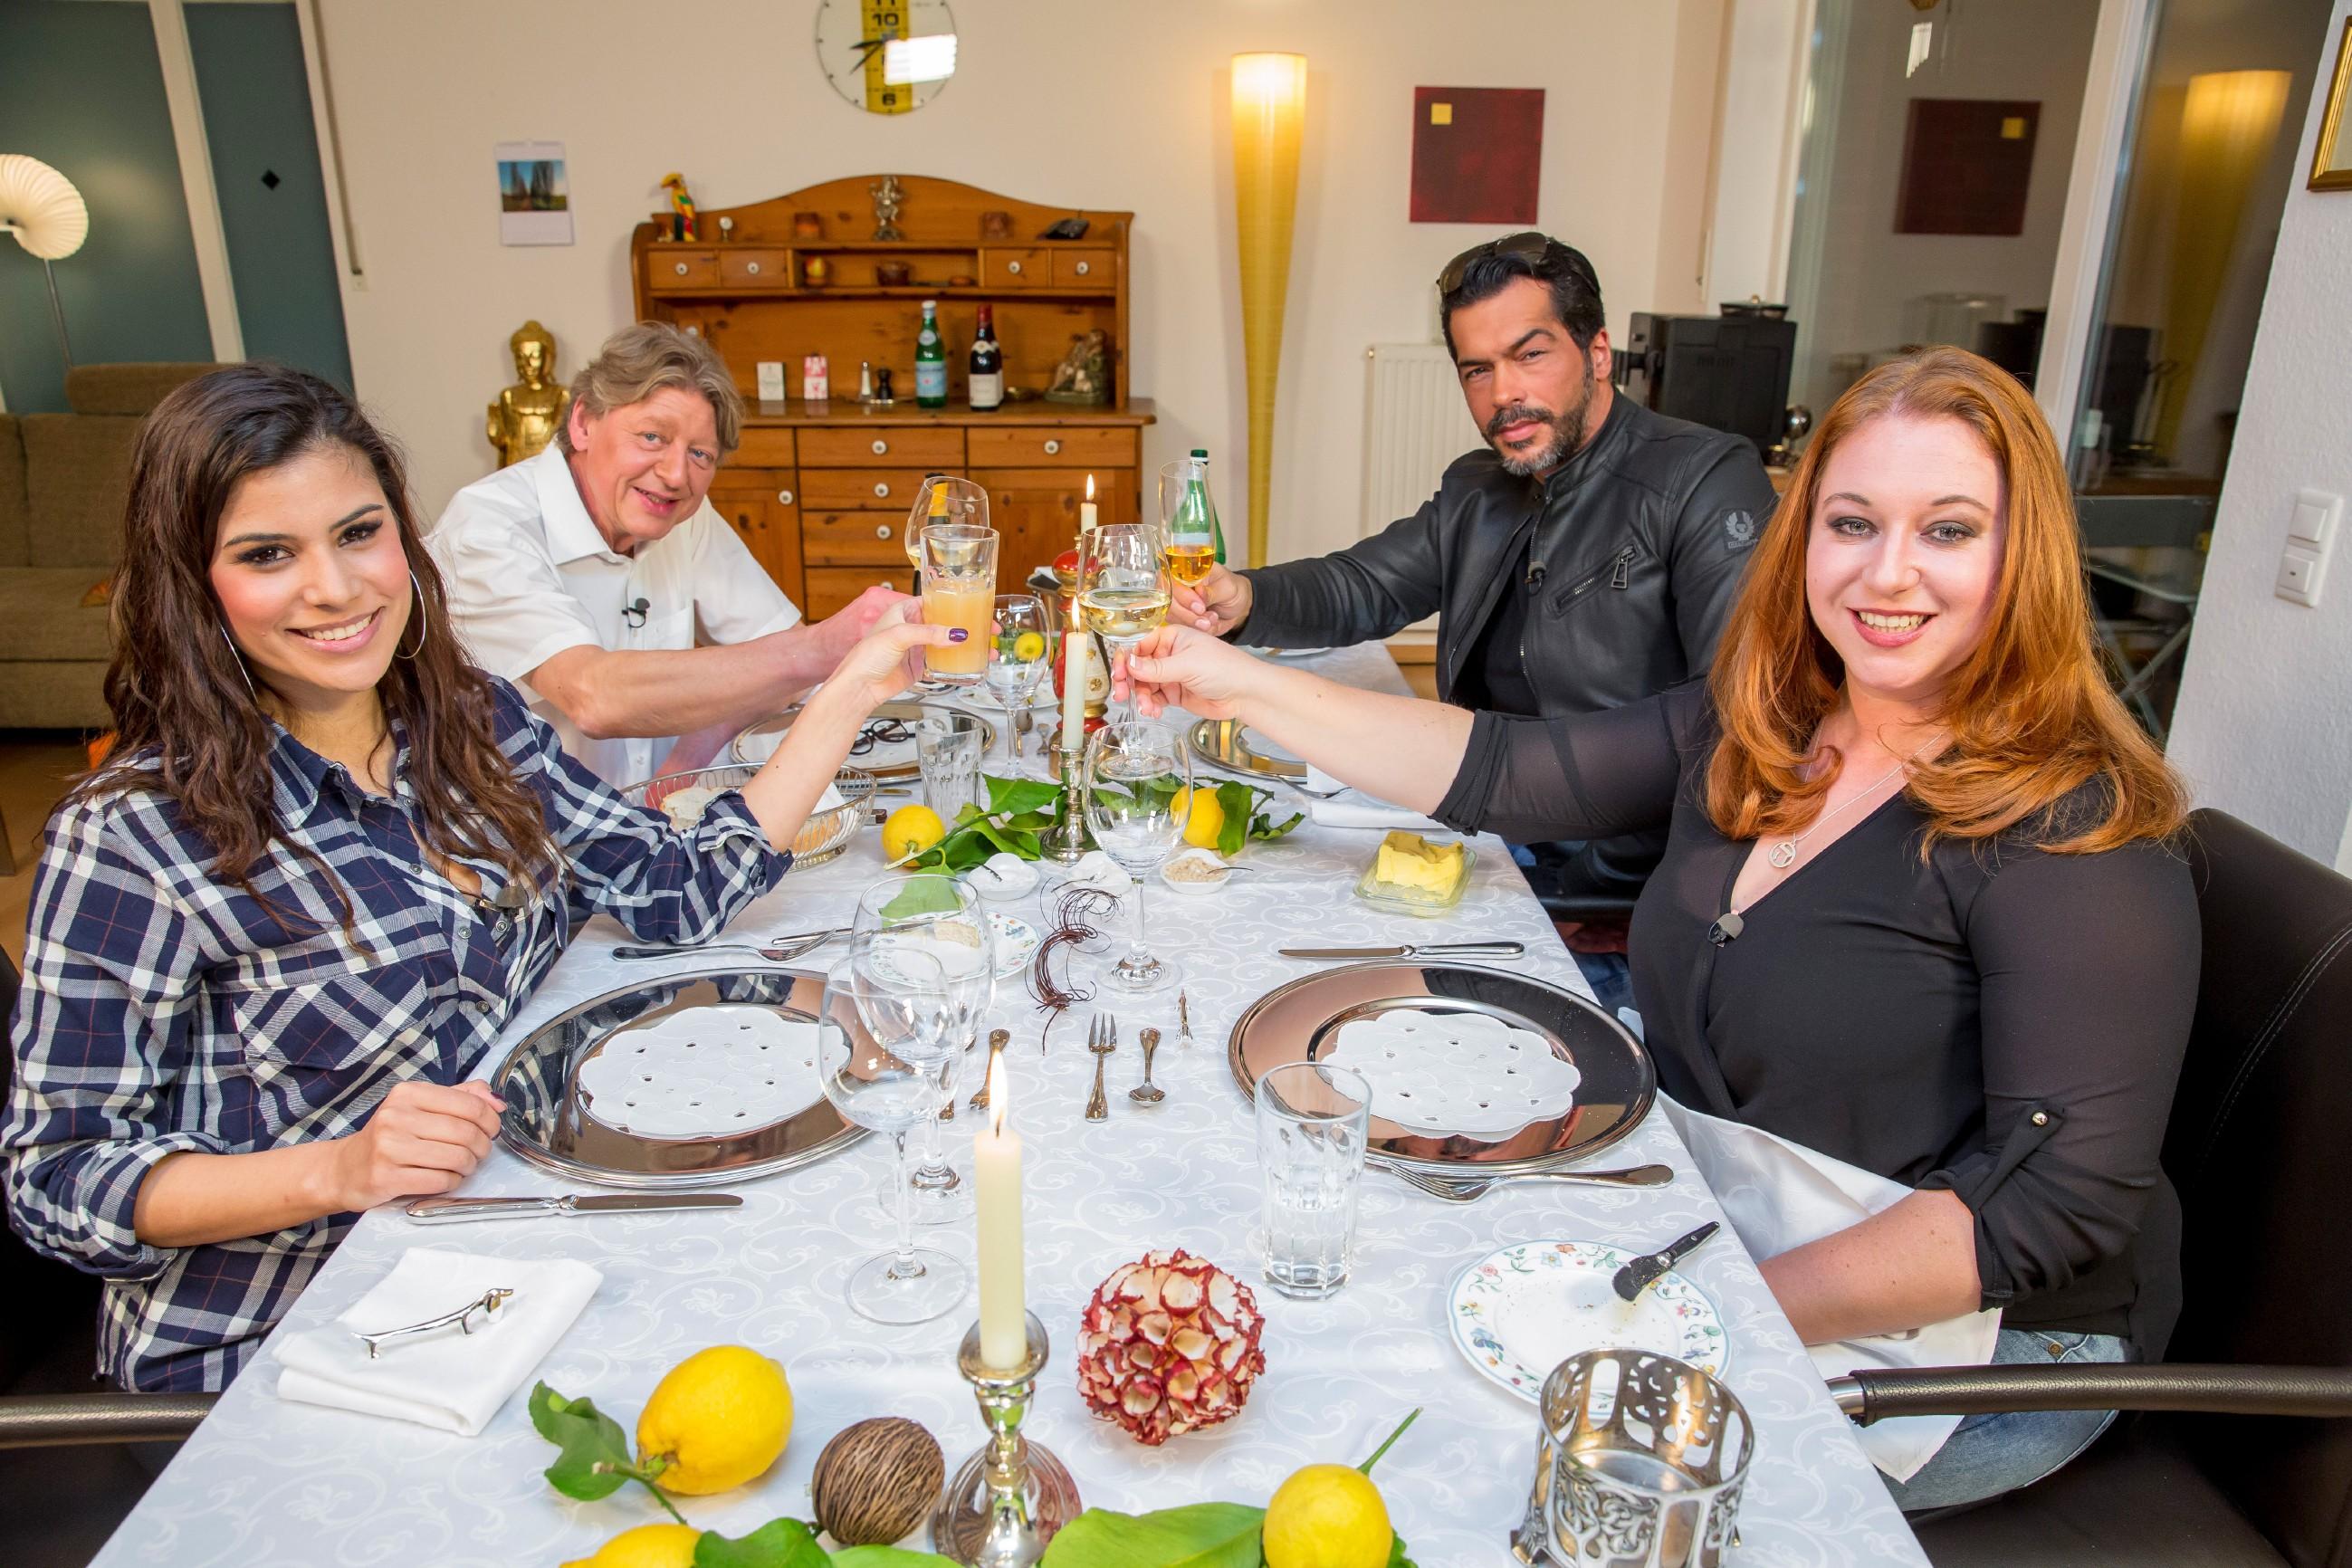 Das perfekte Promi Dinner - Dschungel-Spezial VOX-Dschungel-Spezial-IBES-29.03.2015-Aurelio-Savina-Tanja-Tischewitsch-Tisch